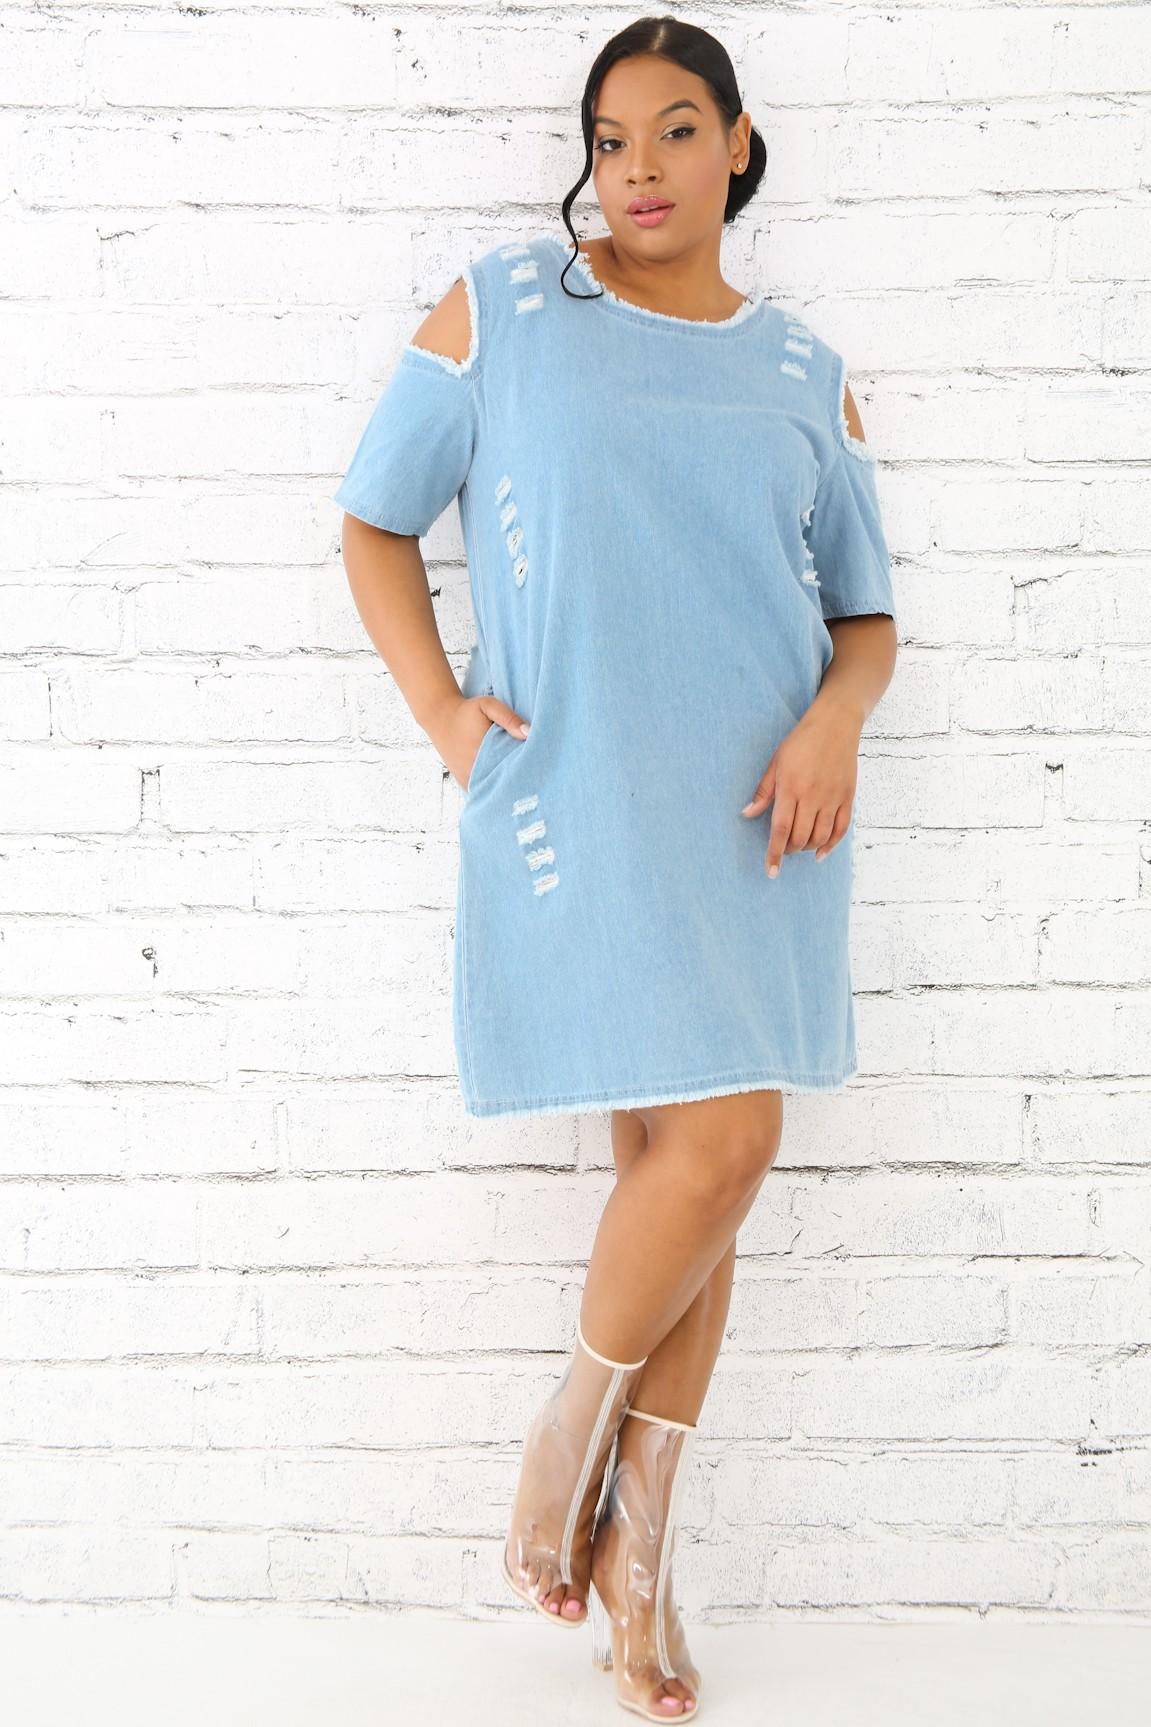 Denim Distressed Dress